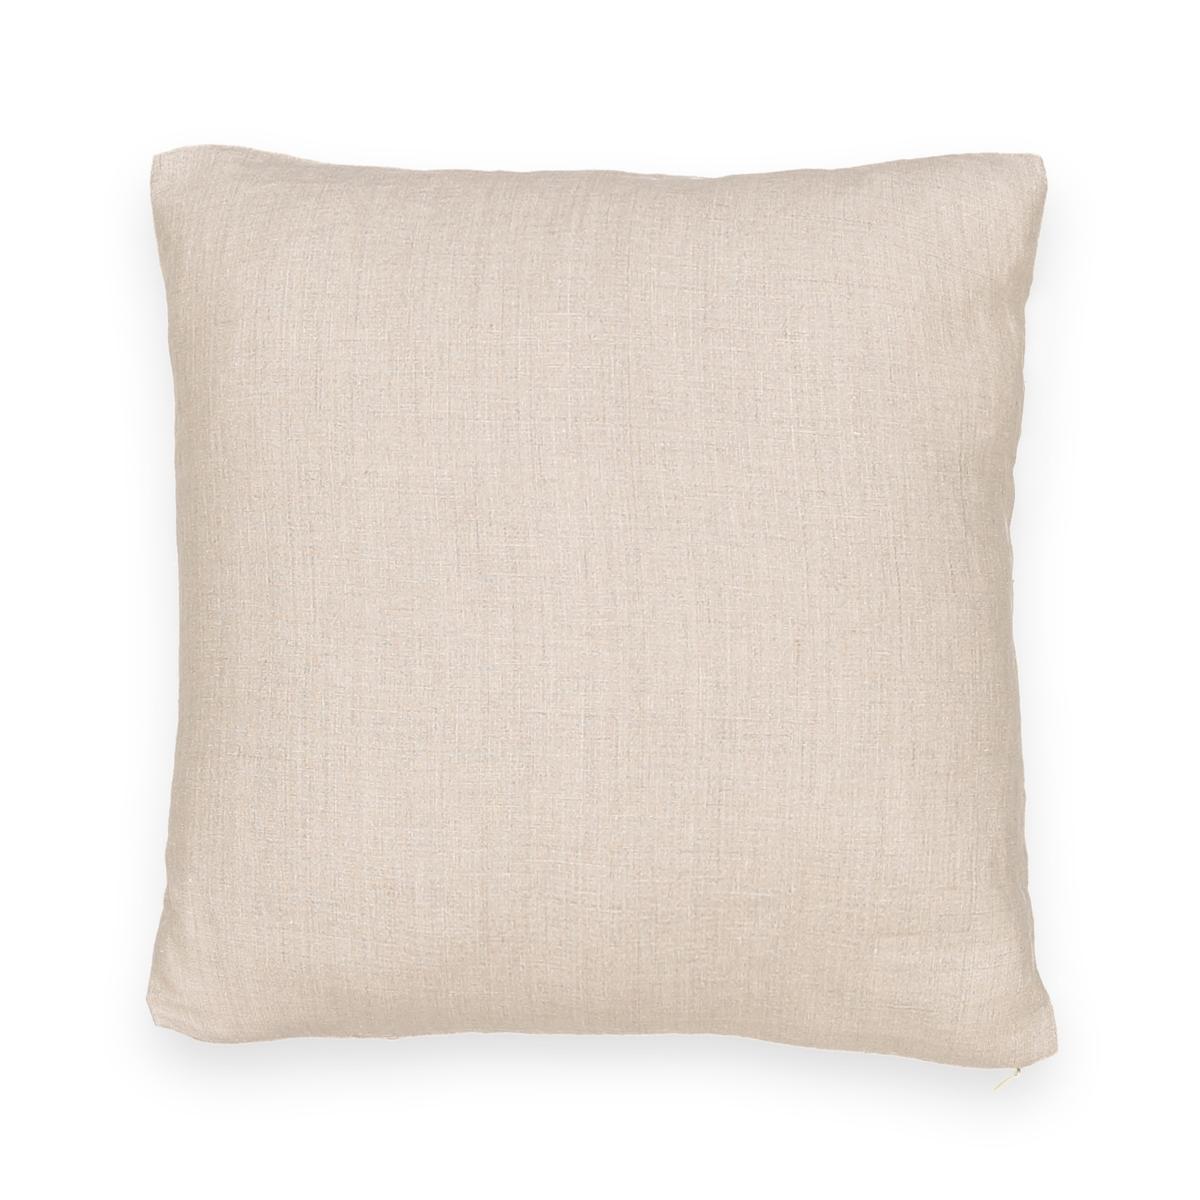 Фото - Чехол LaRedoute Для подушки из стираного льна Onega 40 x 40 см бежевый простыня laredoute натяжная из стираного льна elina для толстых матрасов 160 x 200 см синий